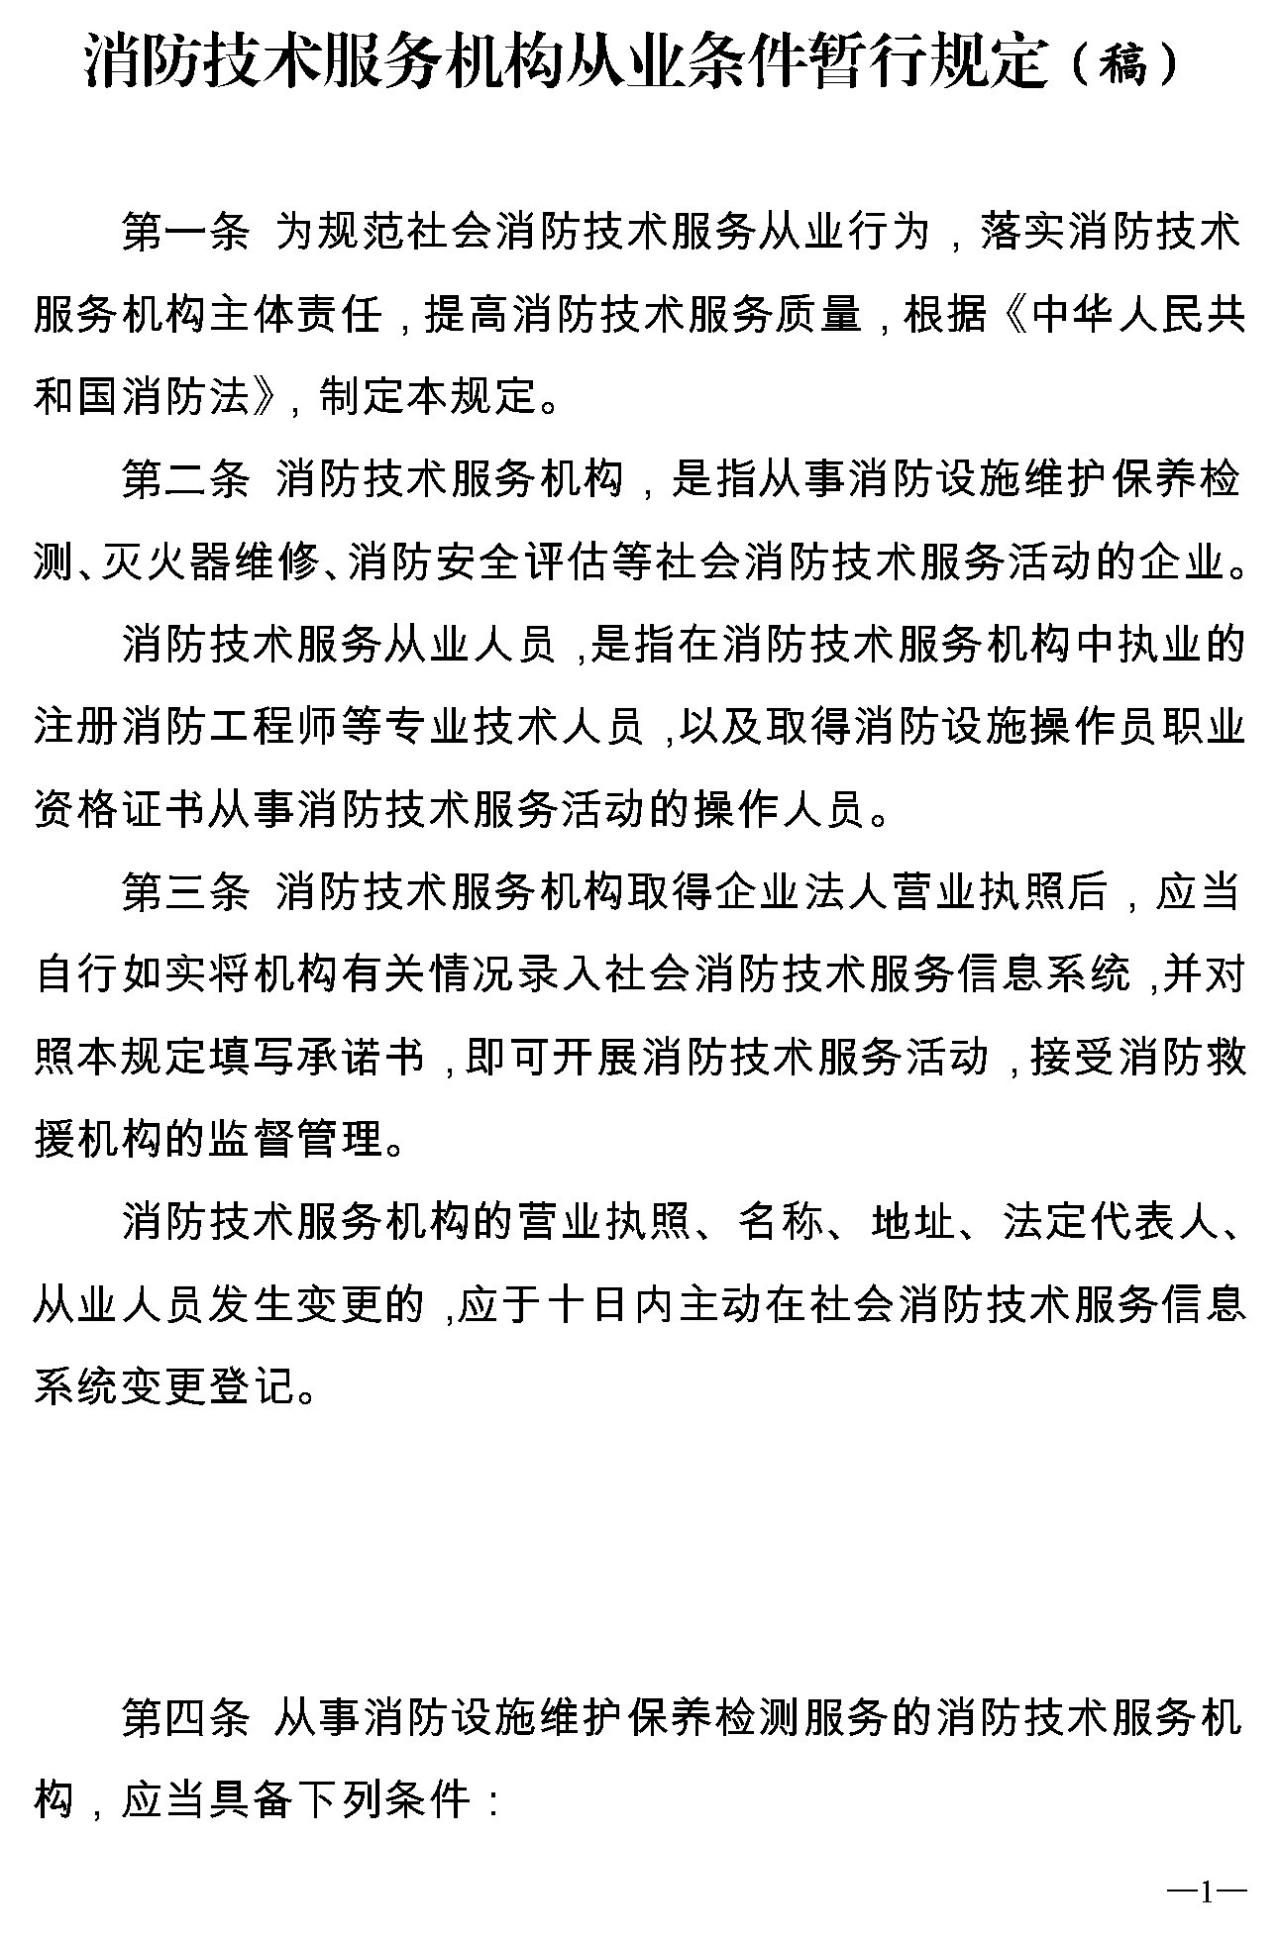 消防技术服务机构从业条件暂行规定(申报稿)1